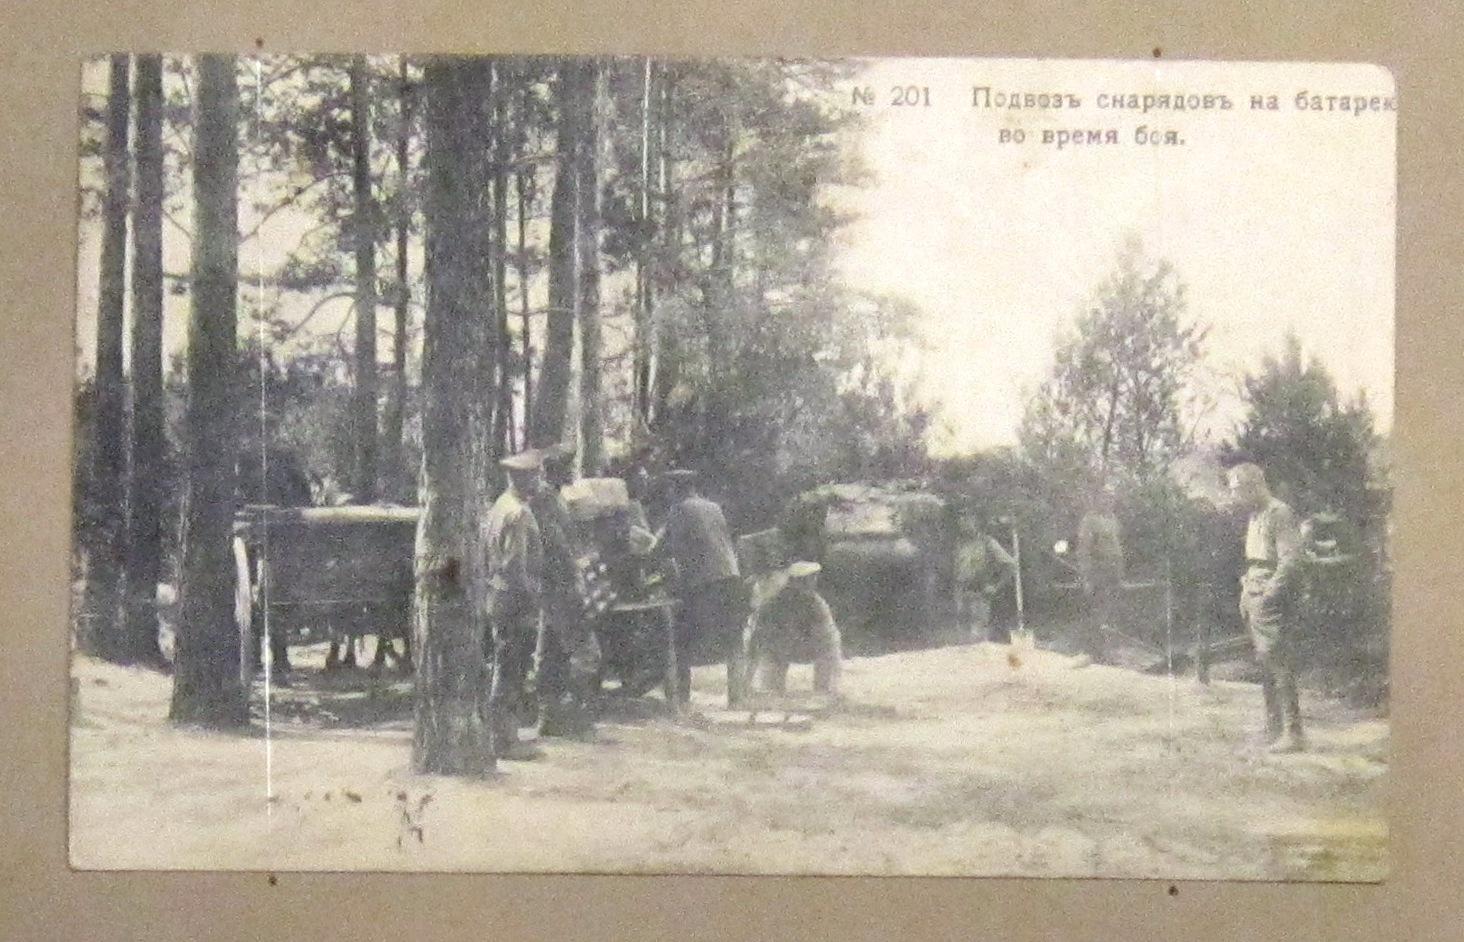 Подвоз снарядов на батарею во время боя.